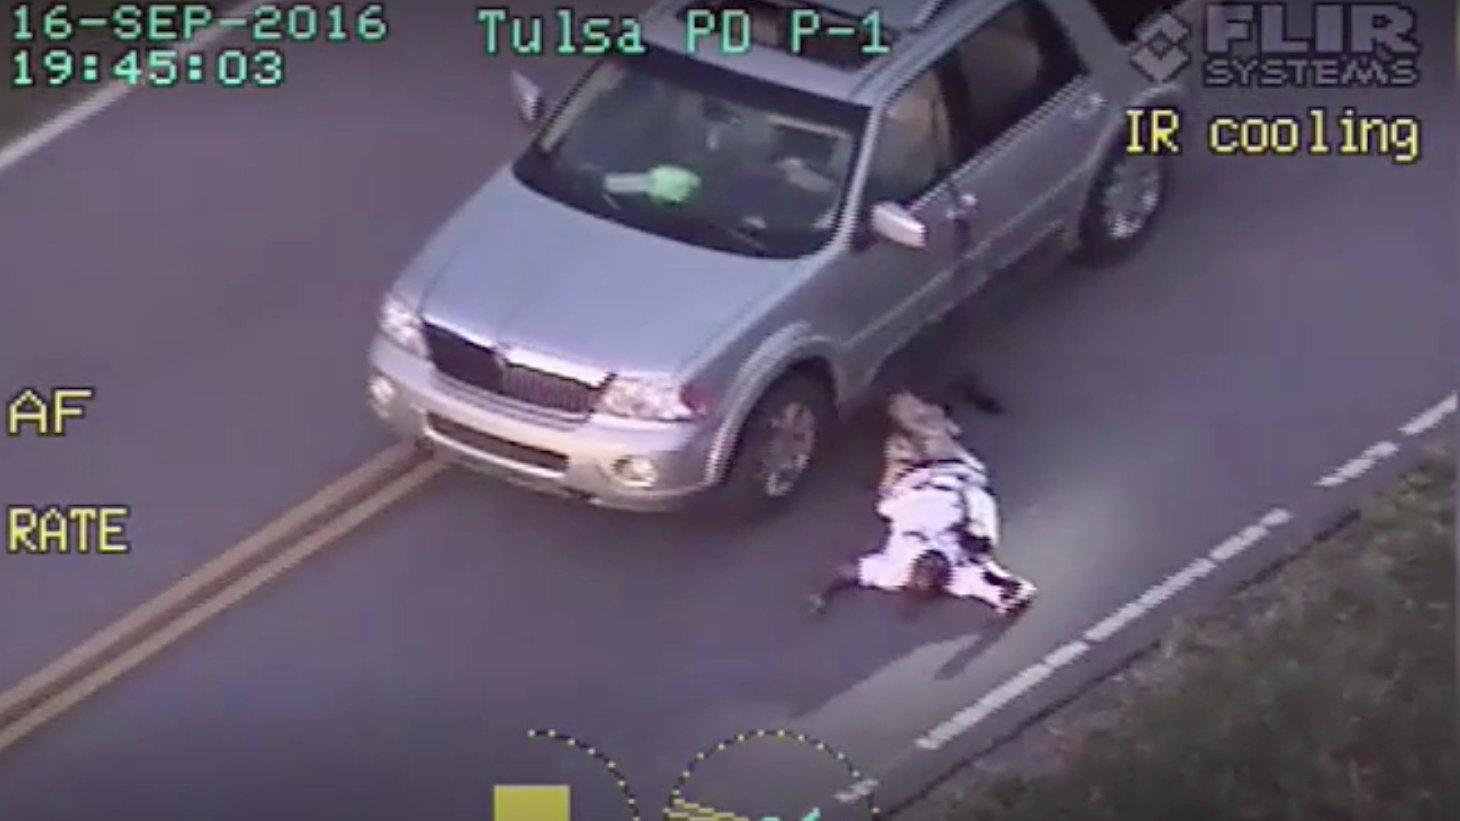 Polizeivideo aus Tulsa (Oklahoma)